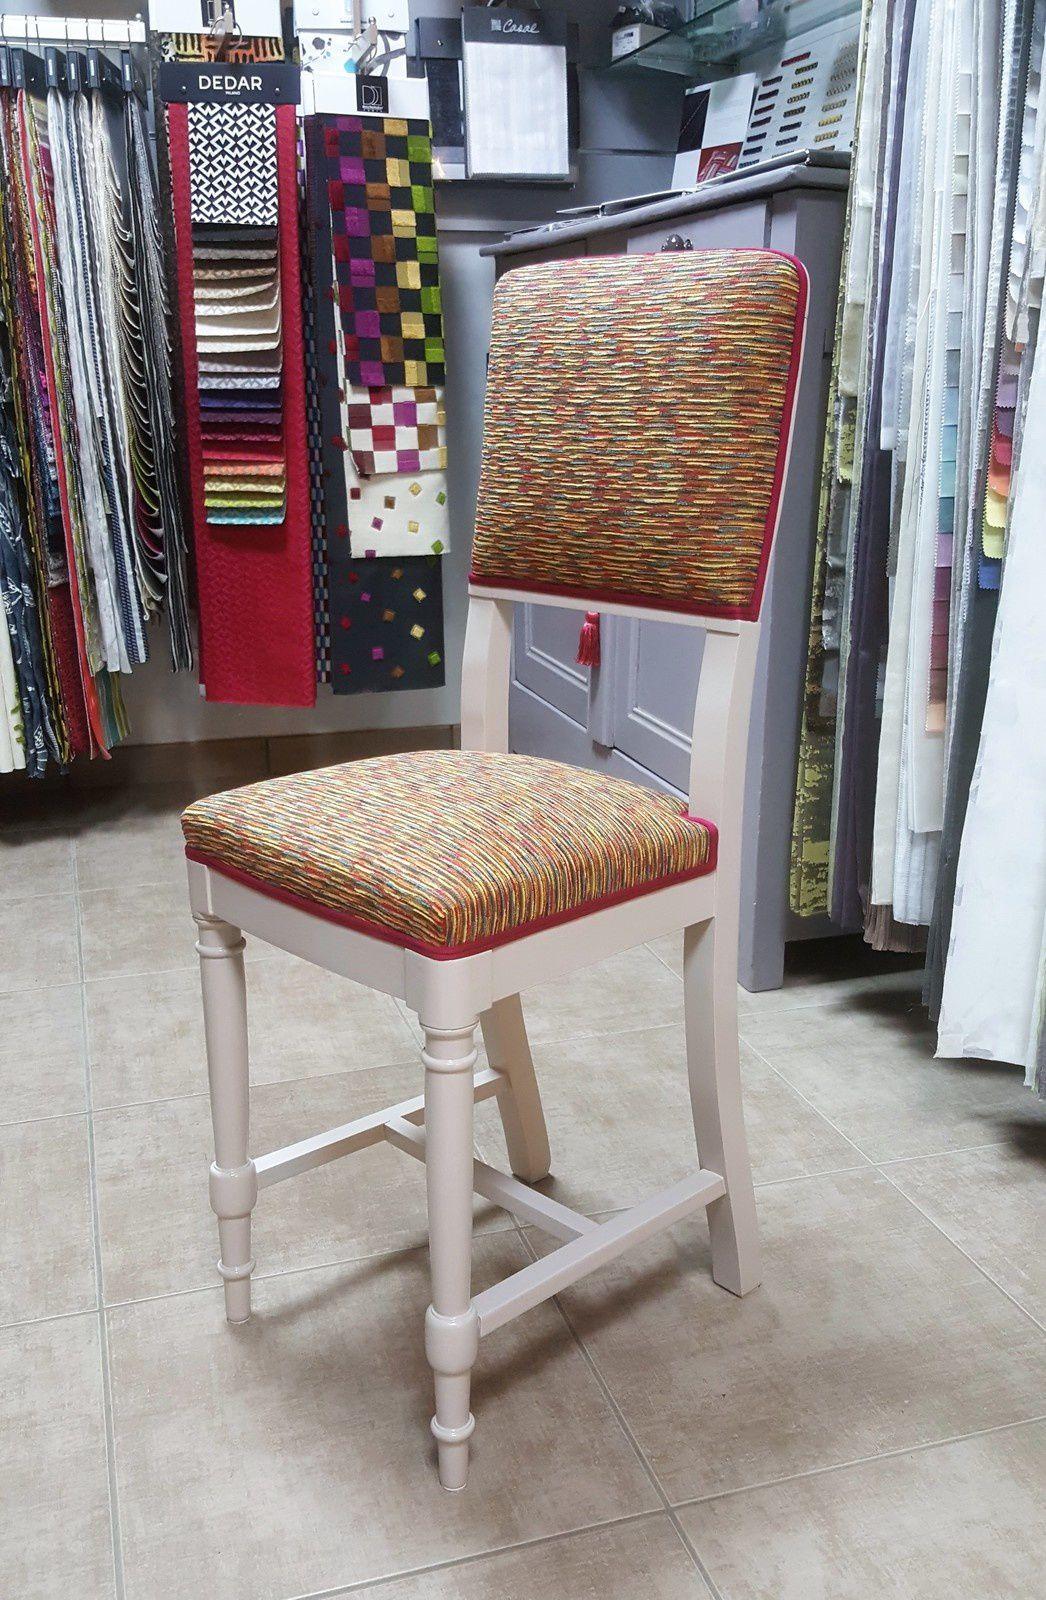 réfection de fauteuil cabriolet bridge voltaire ARABESQUE THIERS tapissier décorateur